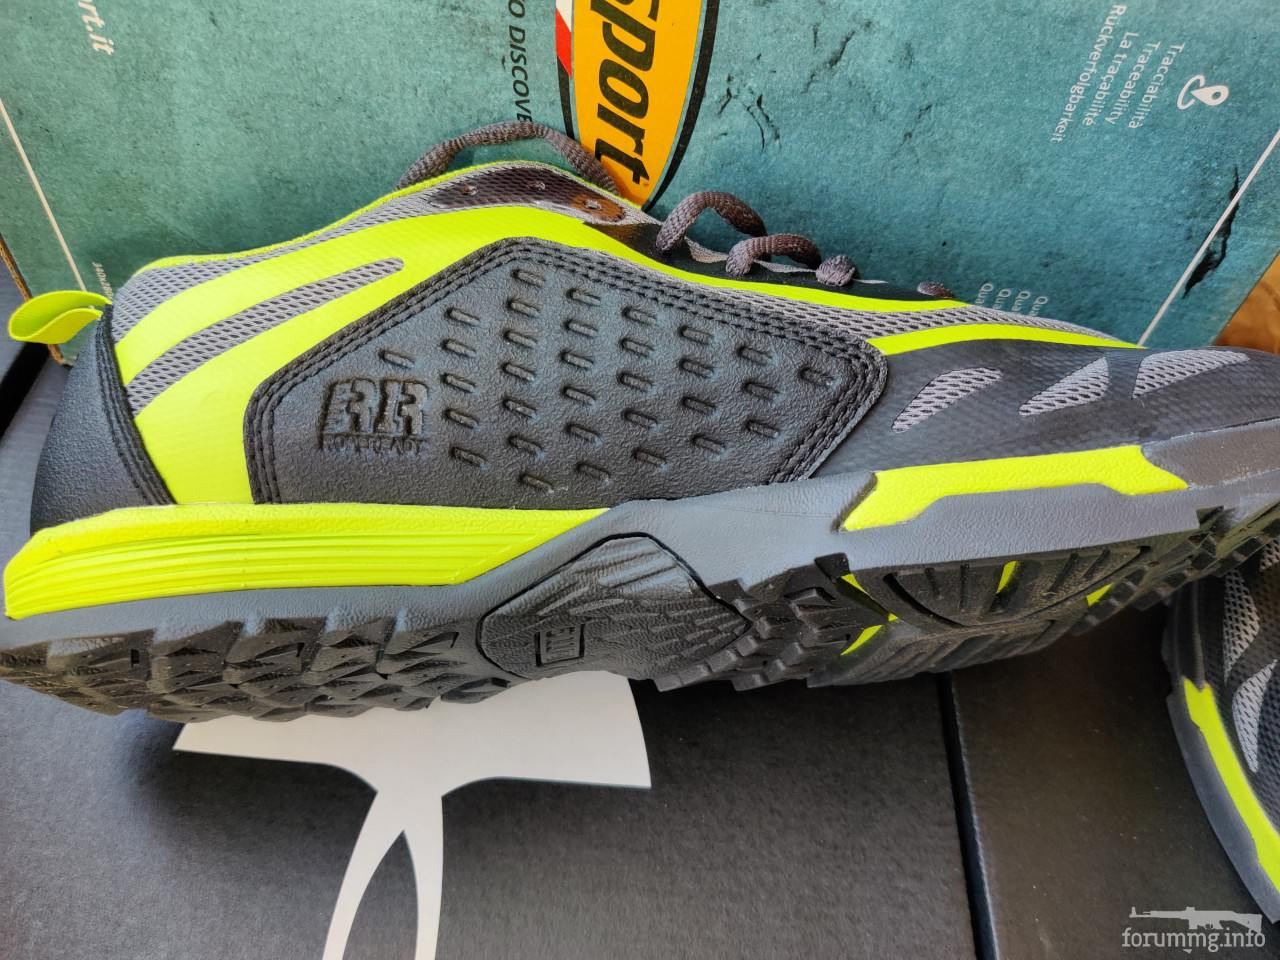 139508 - Тактические кроссовки 5.11,новые без коробок